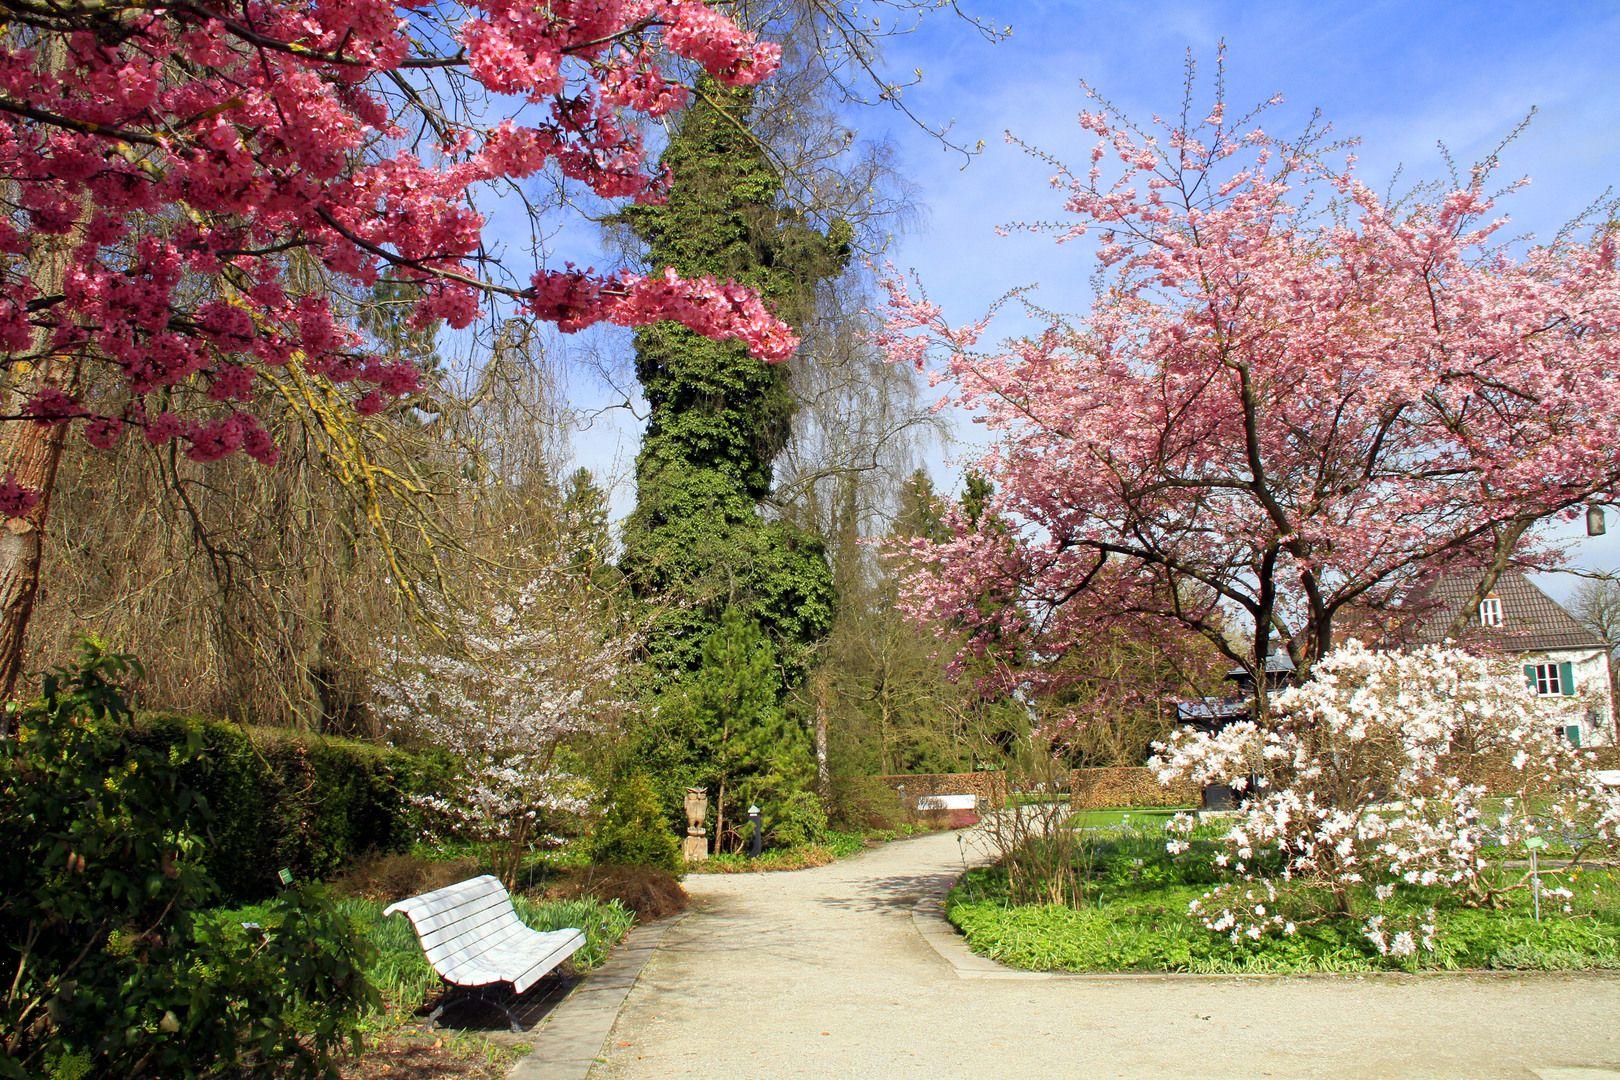 Gartenbau Augsburg botanischer garten augsburg ботанический сад